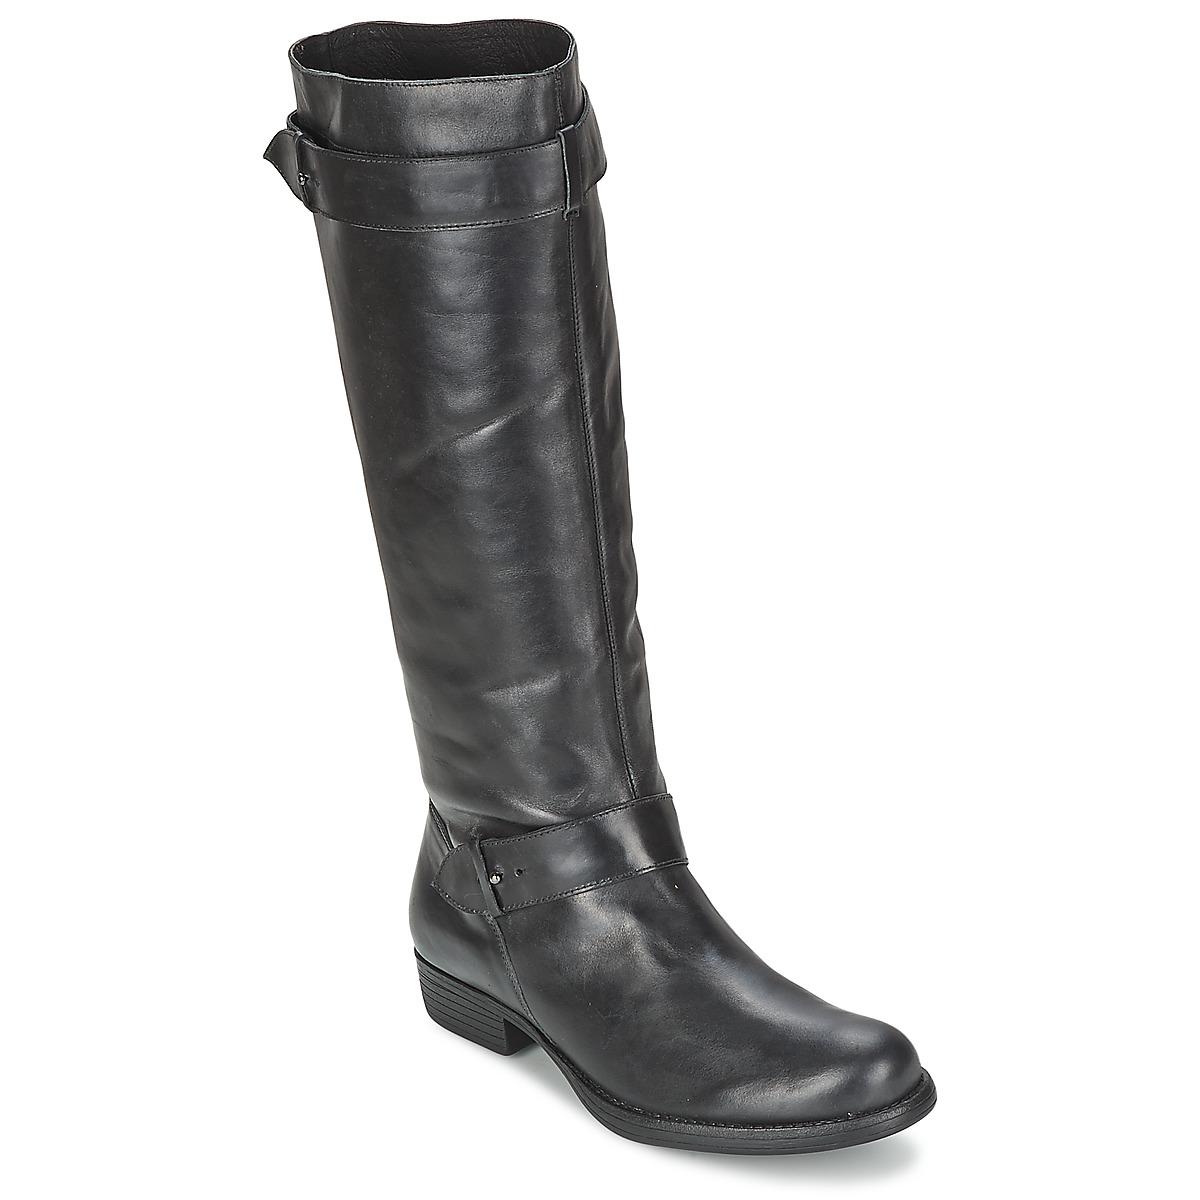 One Step IANNI Schwarz - Kostenloser Versand bei Spartoode ! - Schuhe Klassische Stiefel Damen 100,00 €